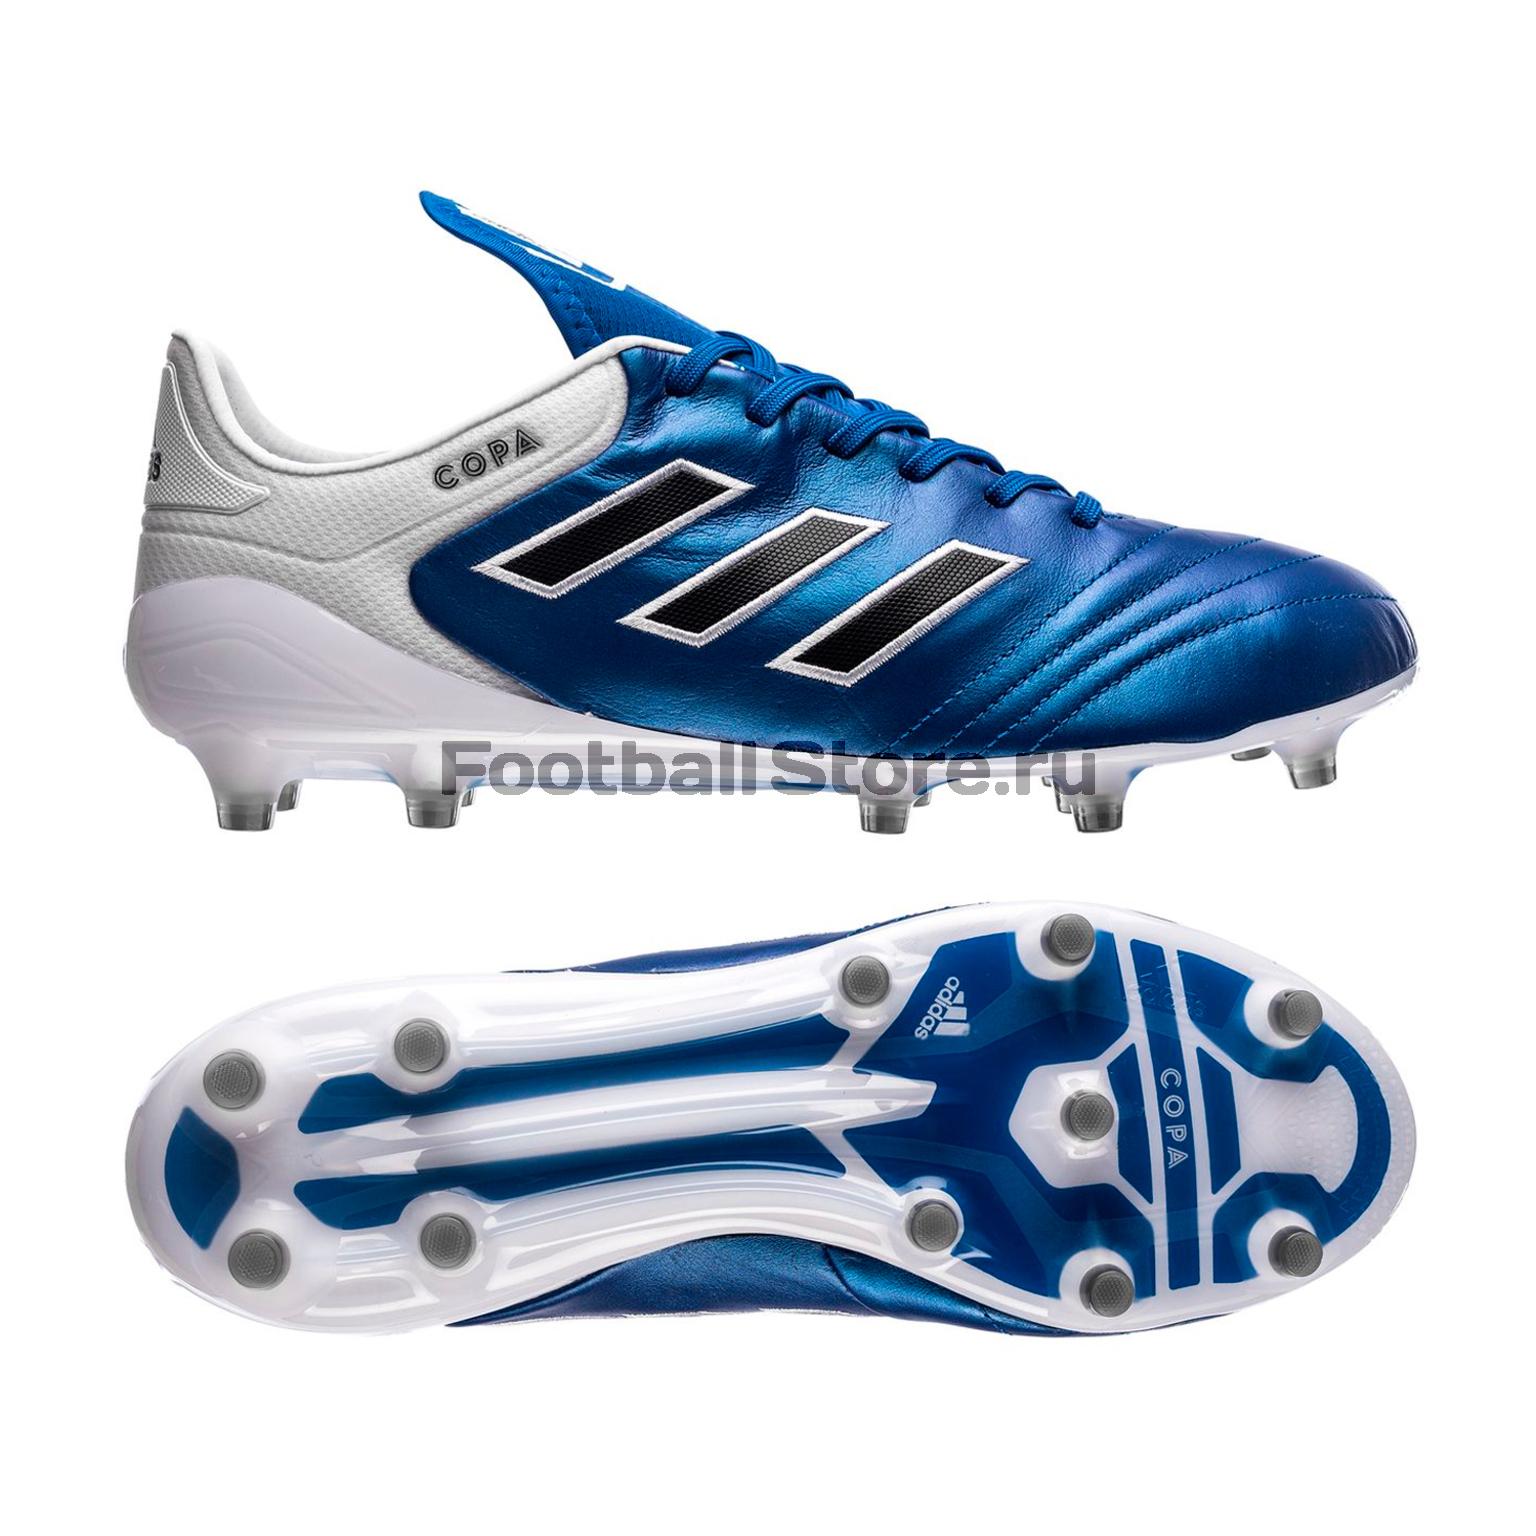 Игровые бутсы Adidas Бутсы Adidas Copa 17.1 FG BA8516